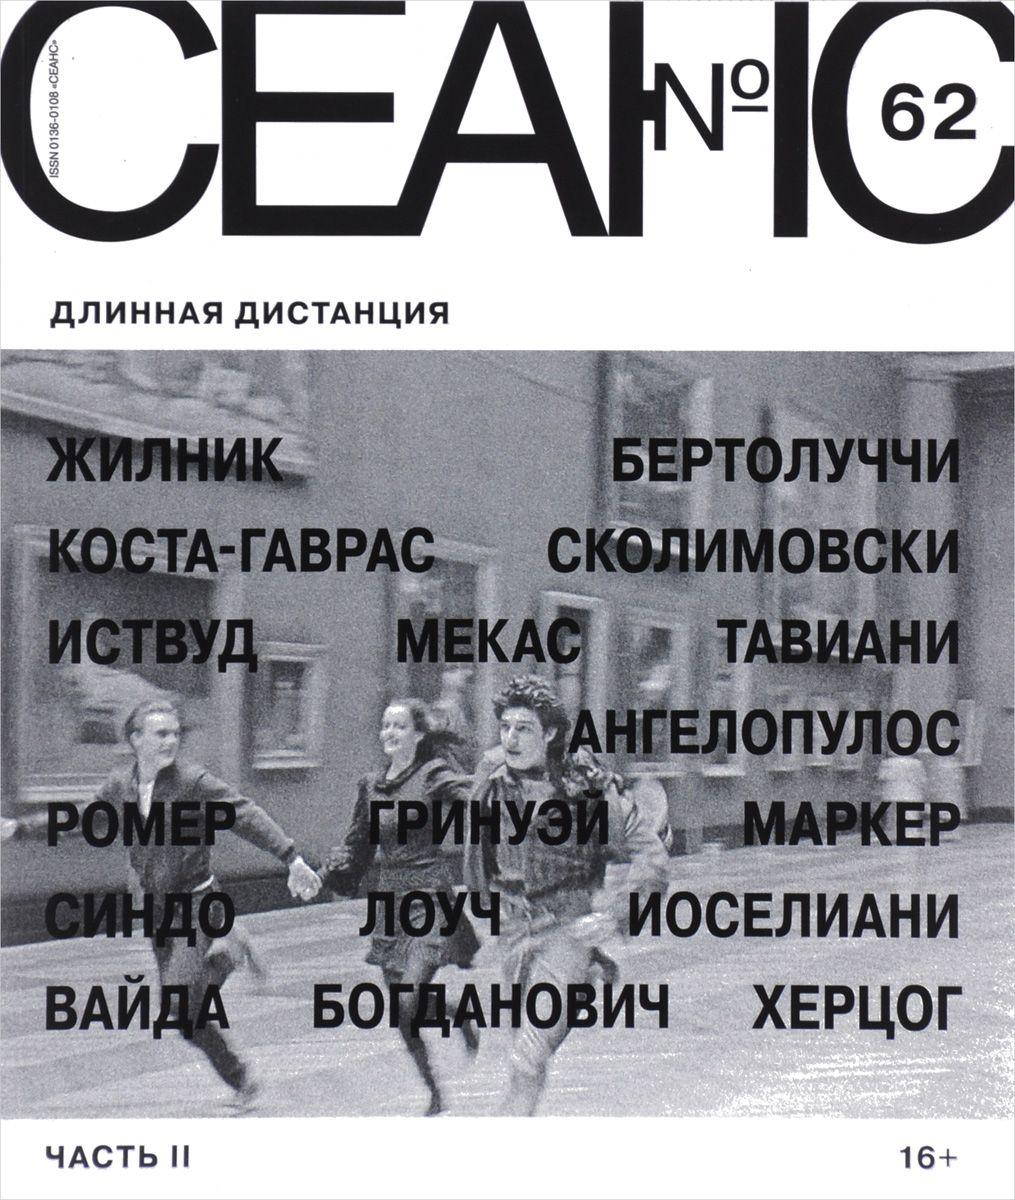 СЕАНС - 62